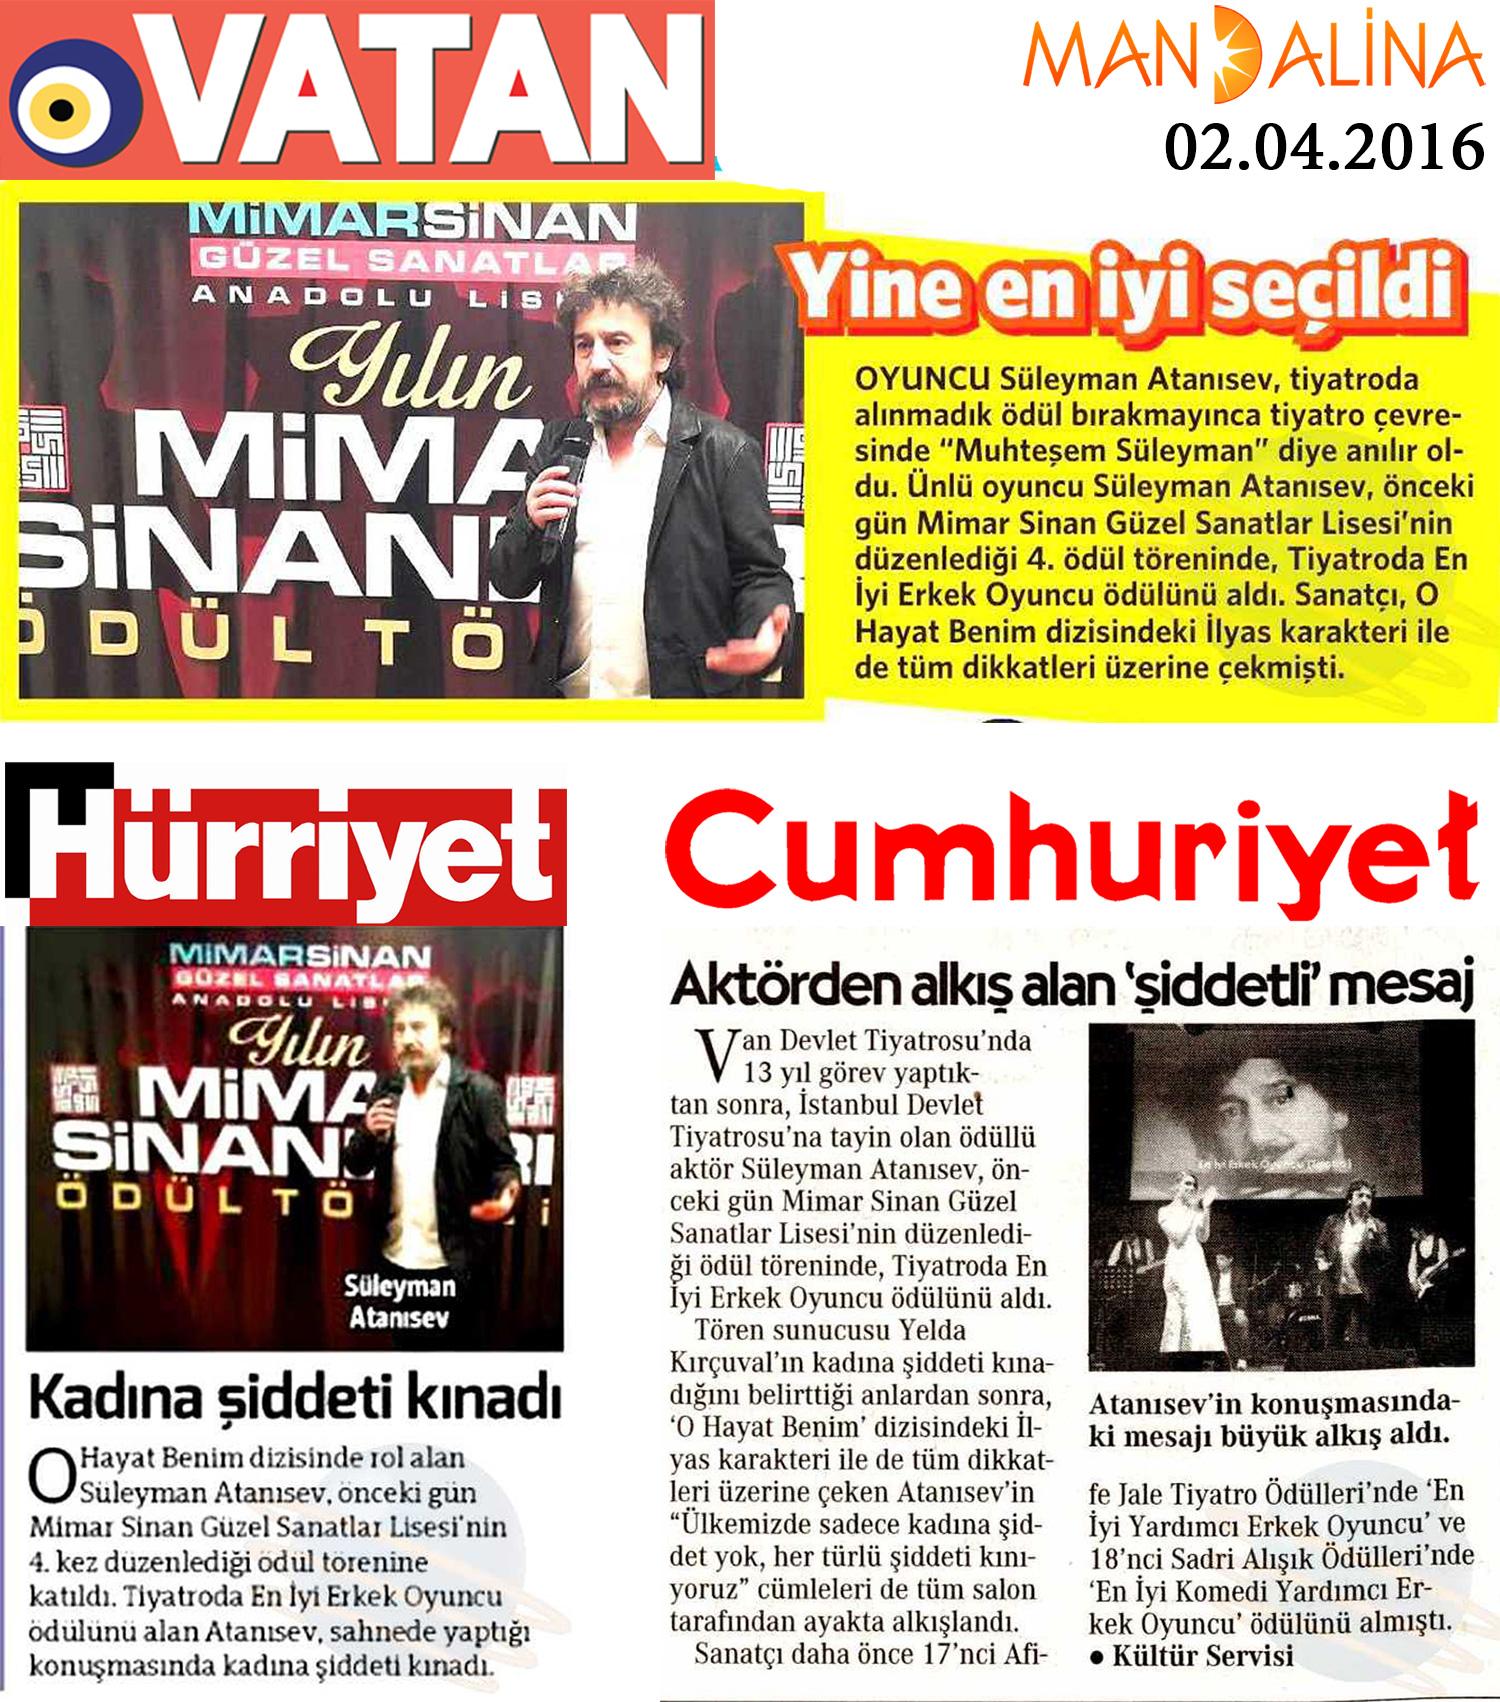 Süleyman Atanısev - Gazete Haberleri